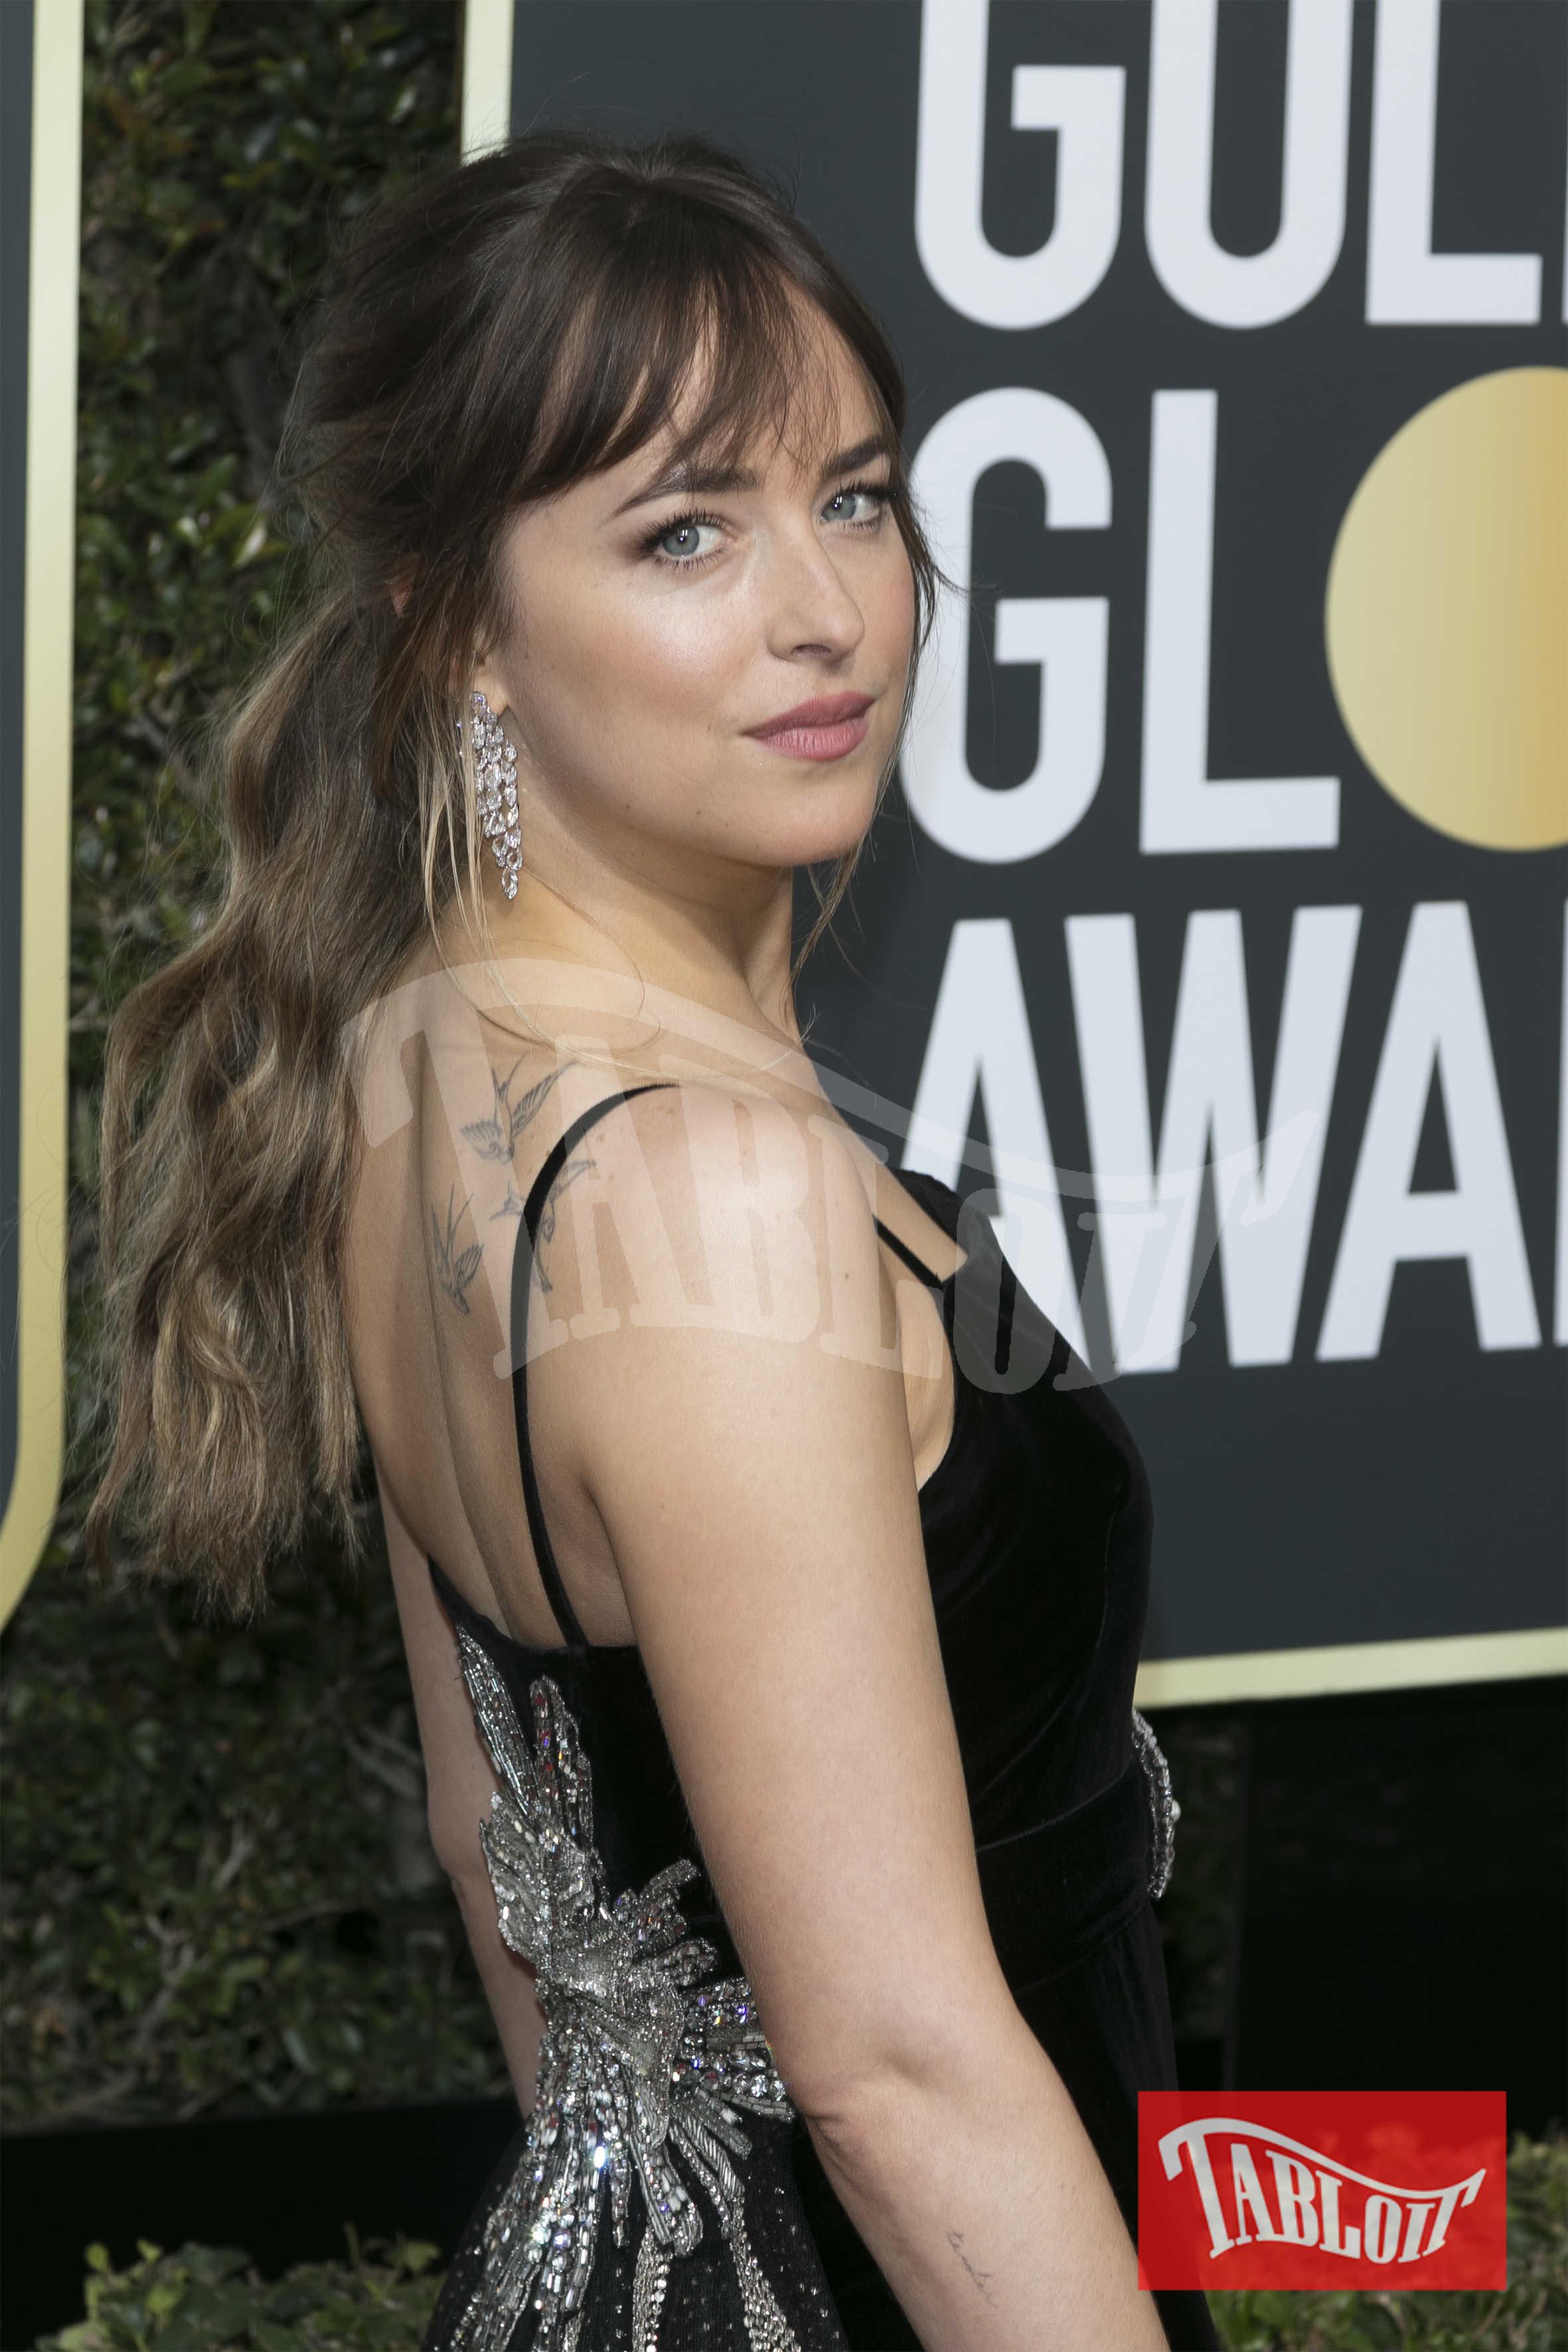 """Dakota Johnson è figlia degli attori Don Johnson e Melanie Griffith ed è diventata famosa grazie al ruolo di Anastasia Steele in """"Cinquanta sfumature di grigio"""". L'attrice esce da una storia altalenante con un altro musicista, Matthew Hitt"""